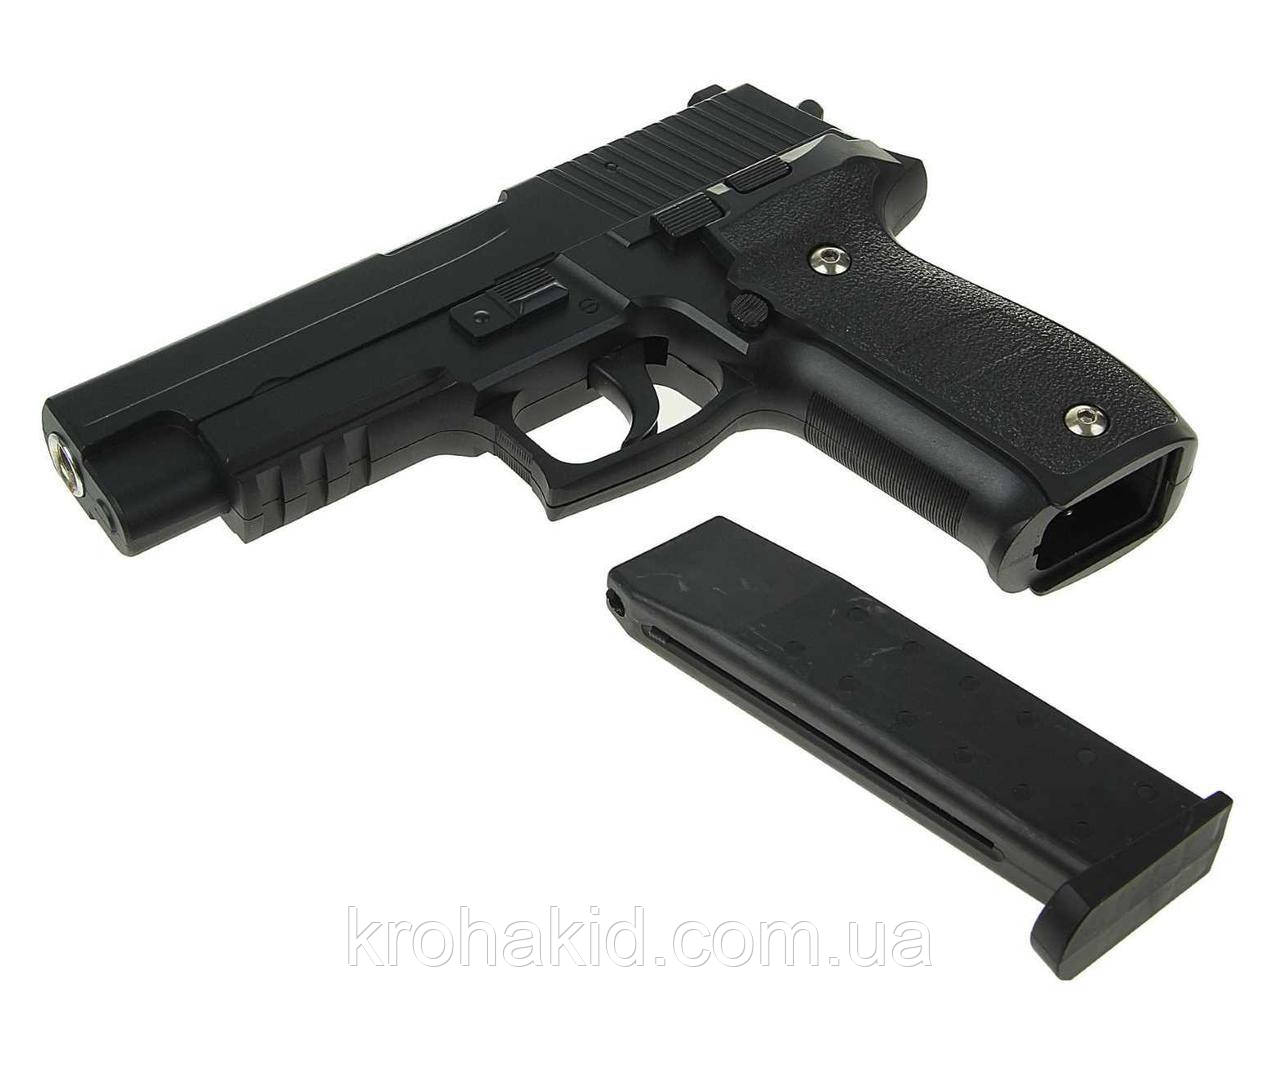 Пистолет Galaxy G.26 Sig Sauer 226 Сиг Сауэр 226